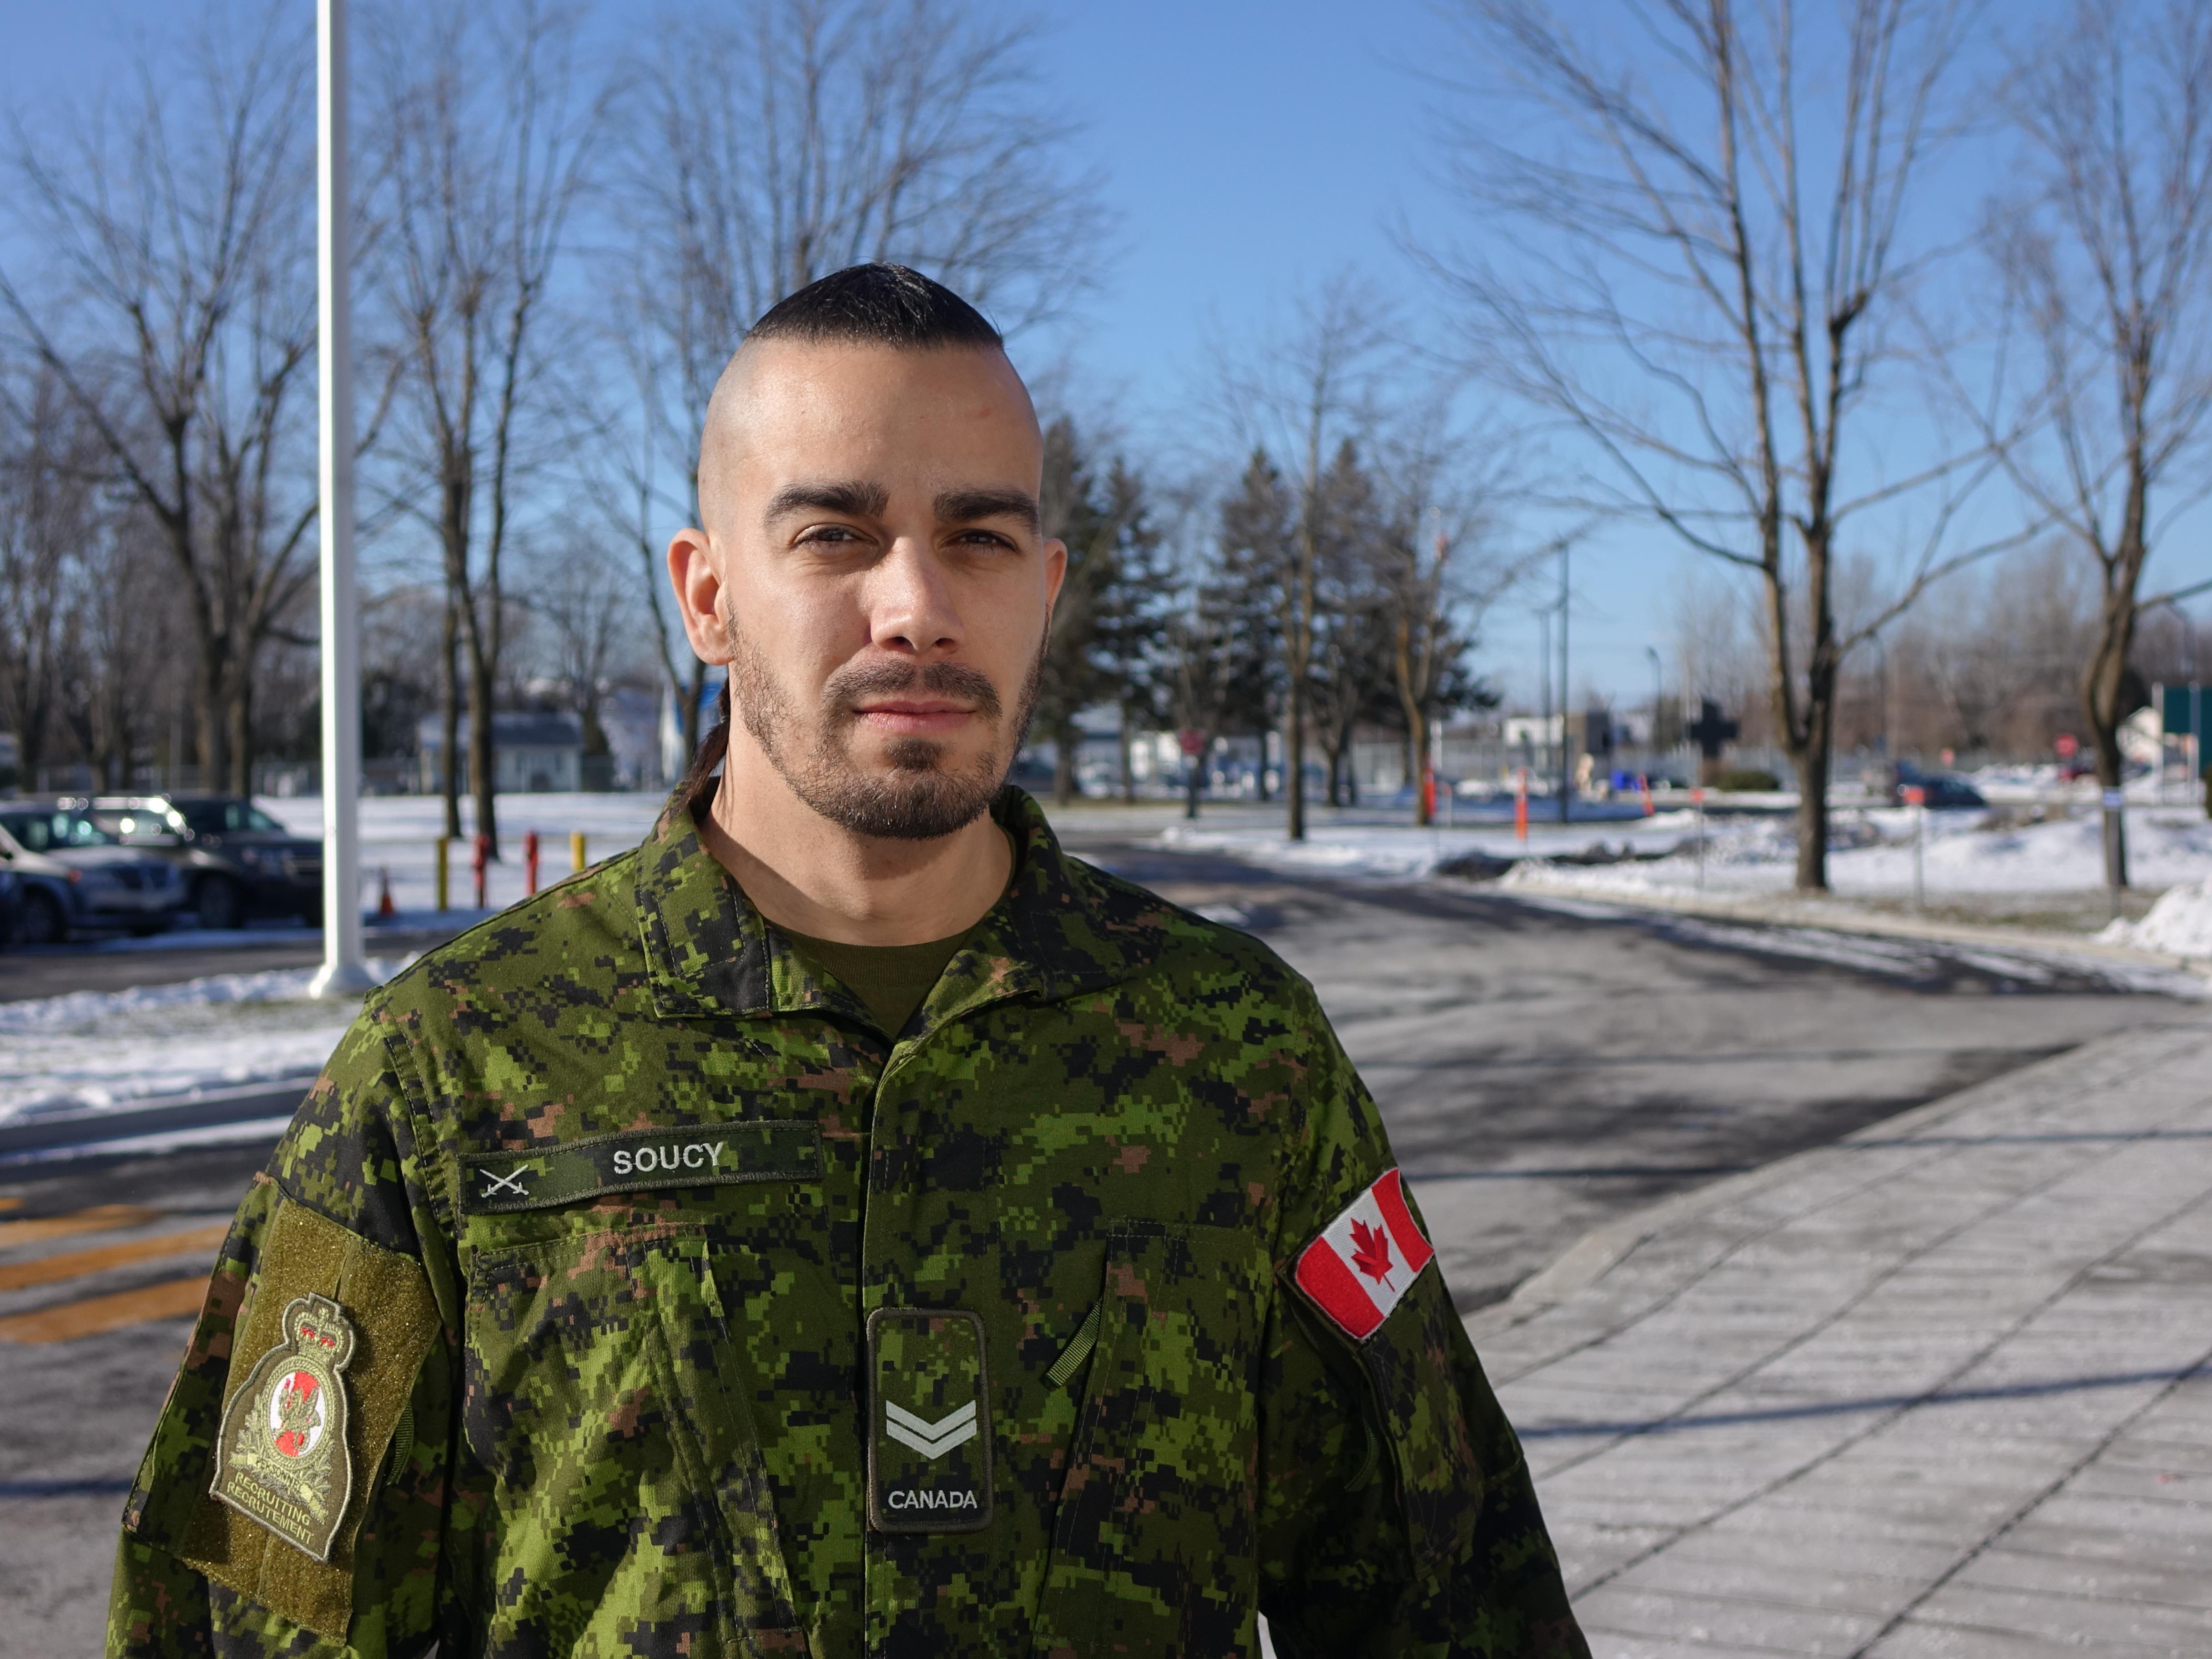 Rencontre quelqu'un dans l'armée canadienne